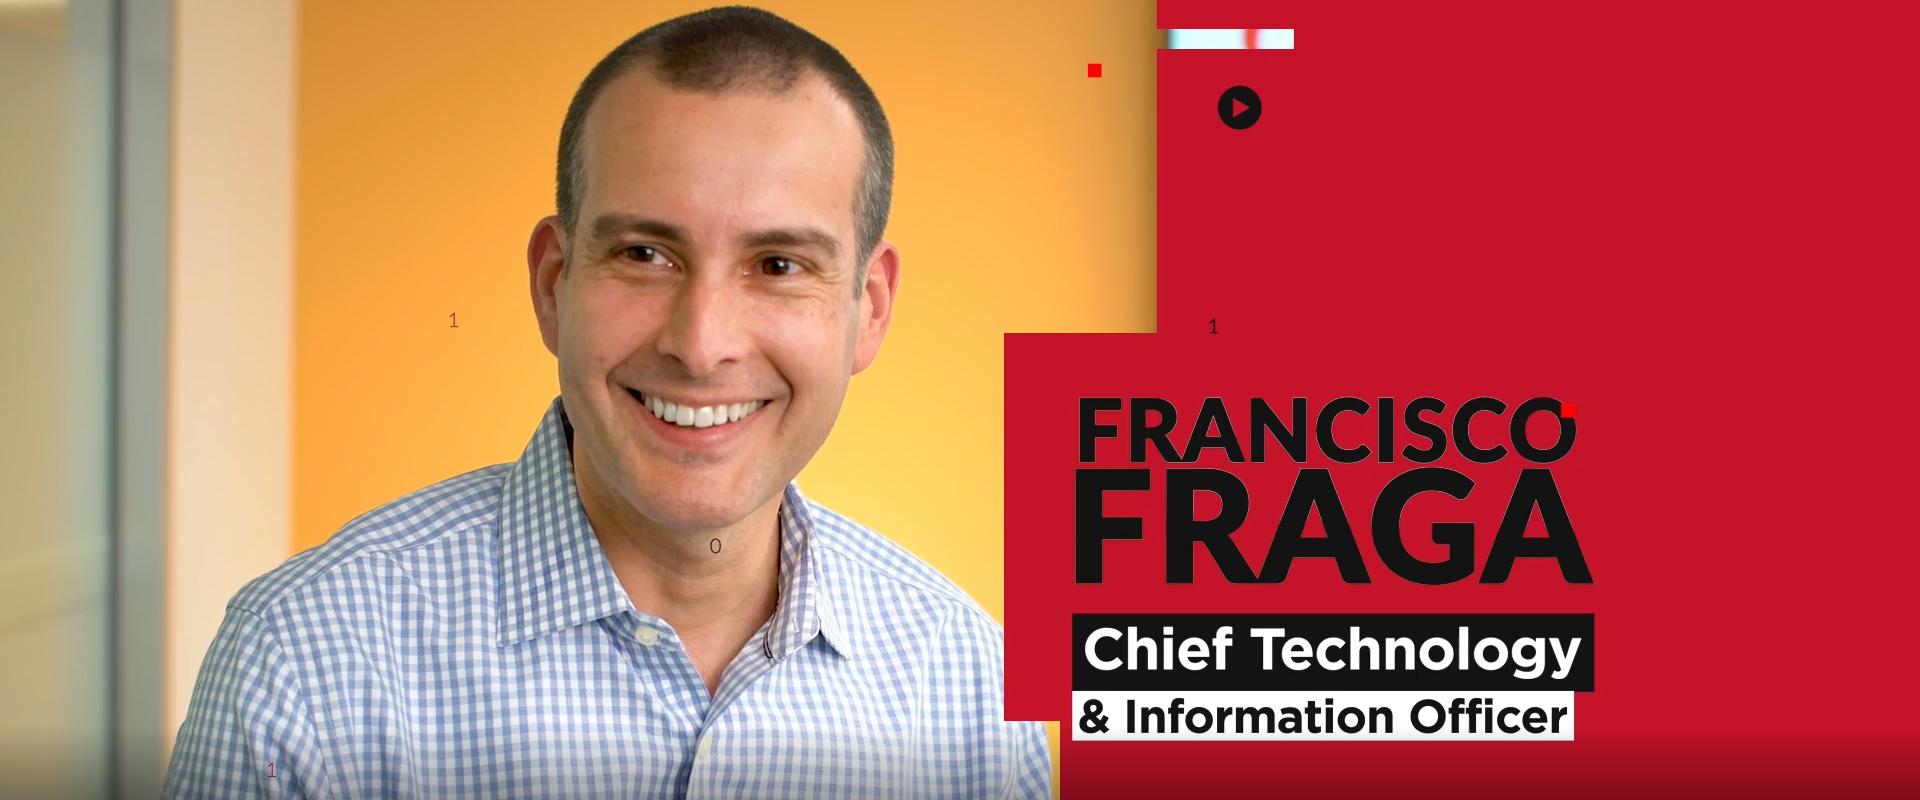 Francisco Farga CIO